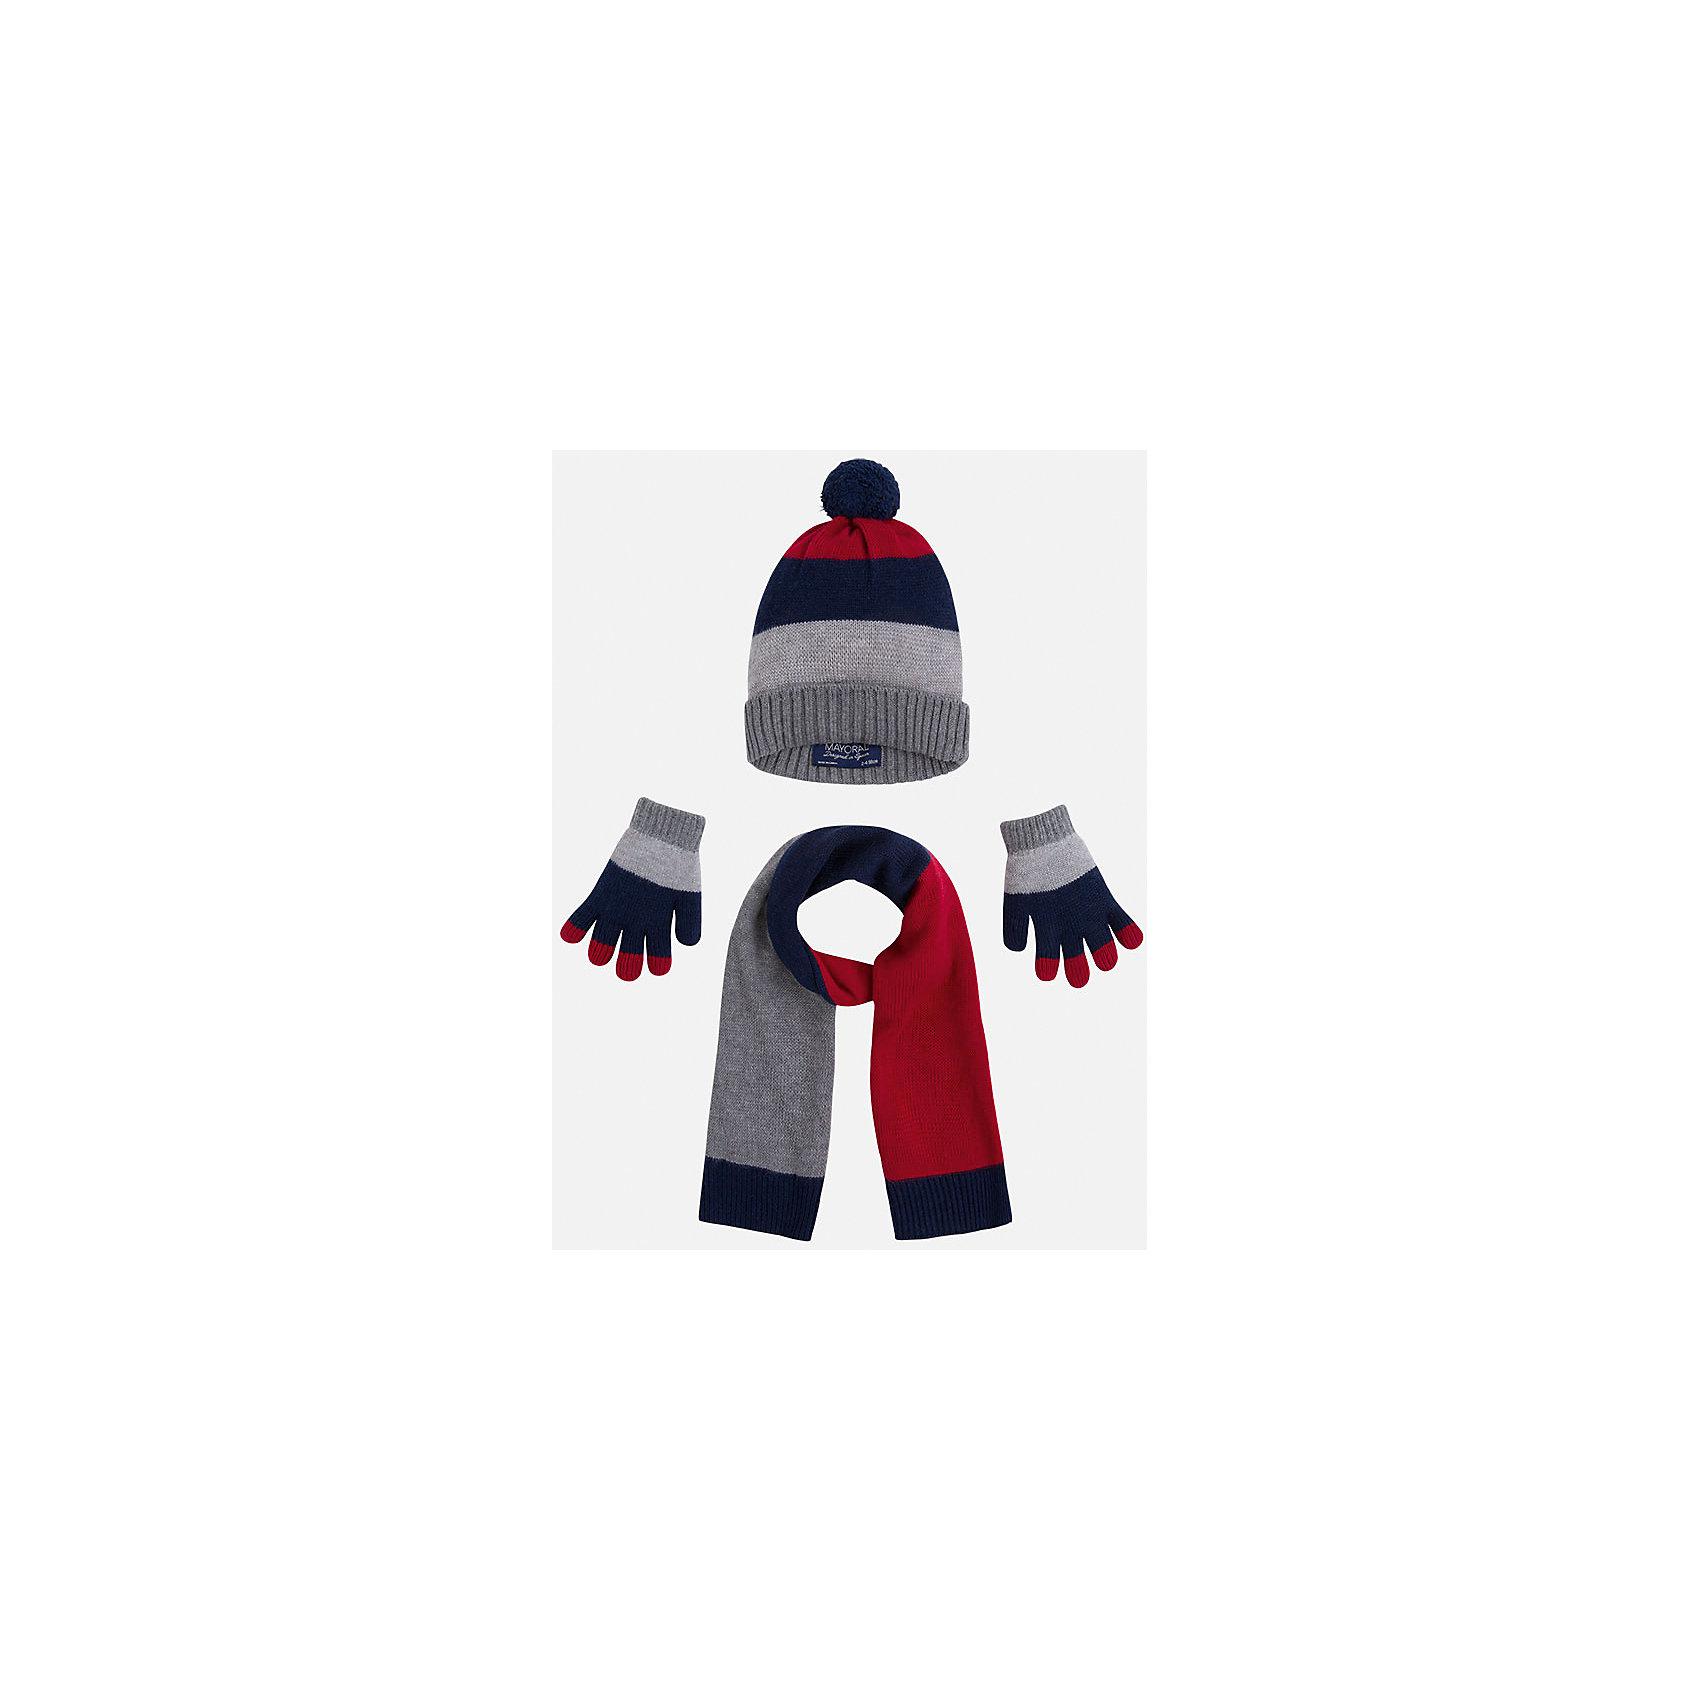 Комплект: шапка, шарф и перчатки для мальчика MayoralГоловные уборы<br>Комплект из шапки, шарфа и перчаток от известного испанского бренда Mayoral(Майорал). Изделия сделаны из качественных материалов и отлично сохраняют тепло. Приятный дизайн и помпон на шапке непременно придутся по вкусу юному моднику!<br><br>Дополнительная информация:<br>Состав: 45% акрил, 30% вискоза, 15% полиамид, 10% шерсть<br>Цвет: серый/темно-синий/красный<br>Комплект из шапки, шарфа и перчаток Mayoral(Майорал) вы можете приобрести в нашем интернет-магазине.<br><br>Ширина мм: 89<br>Глубина мм: 117<br>Высота мм: 44<br>Вес г: 155<br>Цвет: бордовый<br>Возраст от месяцев: 24<br>Возраст до месяцев: 36<br>Пол: Мужской<br>Возраст: Детский<br>Размер: 50,54,52<br>SKU: 4820209